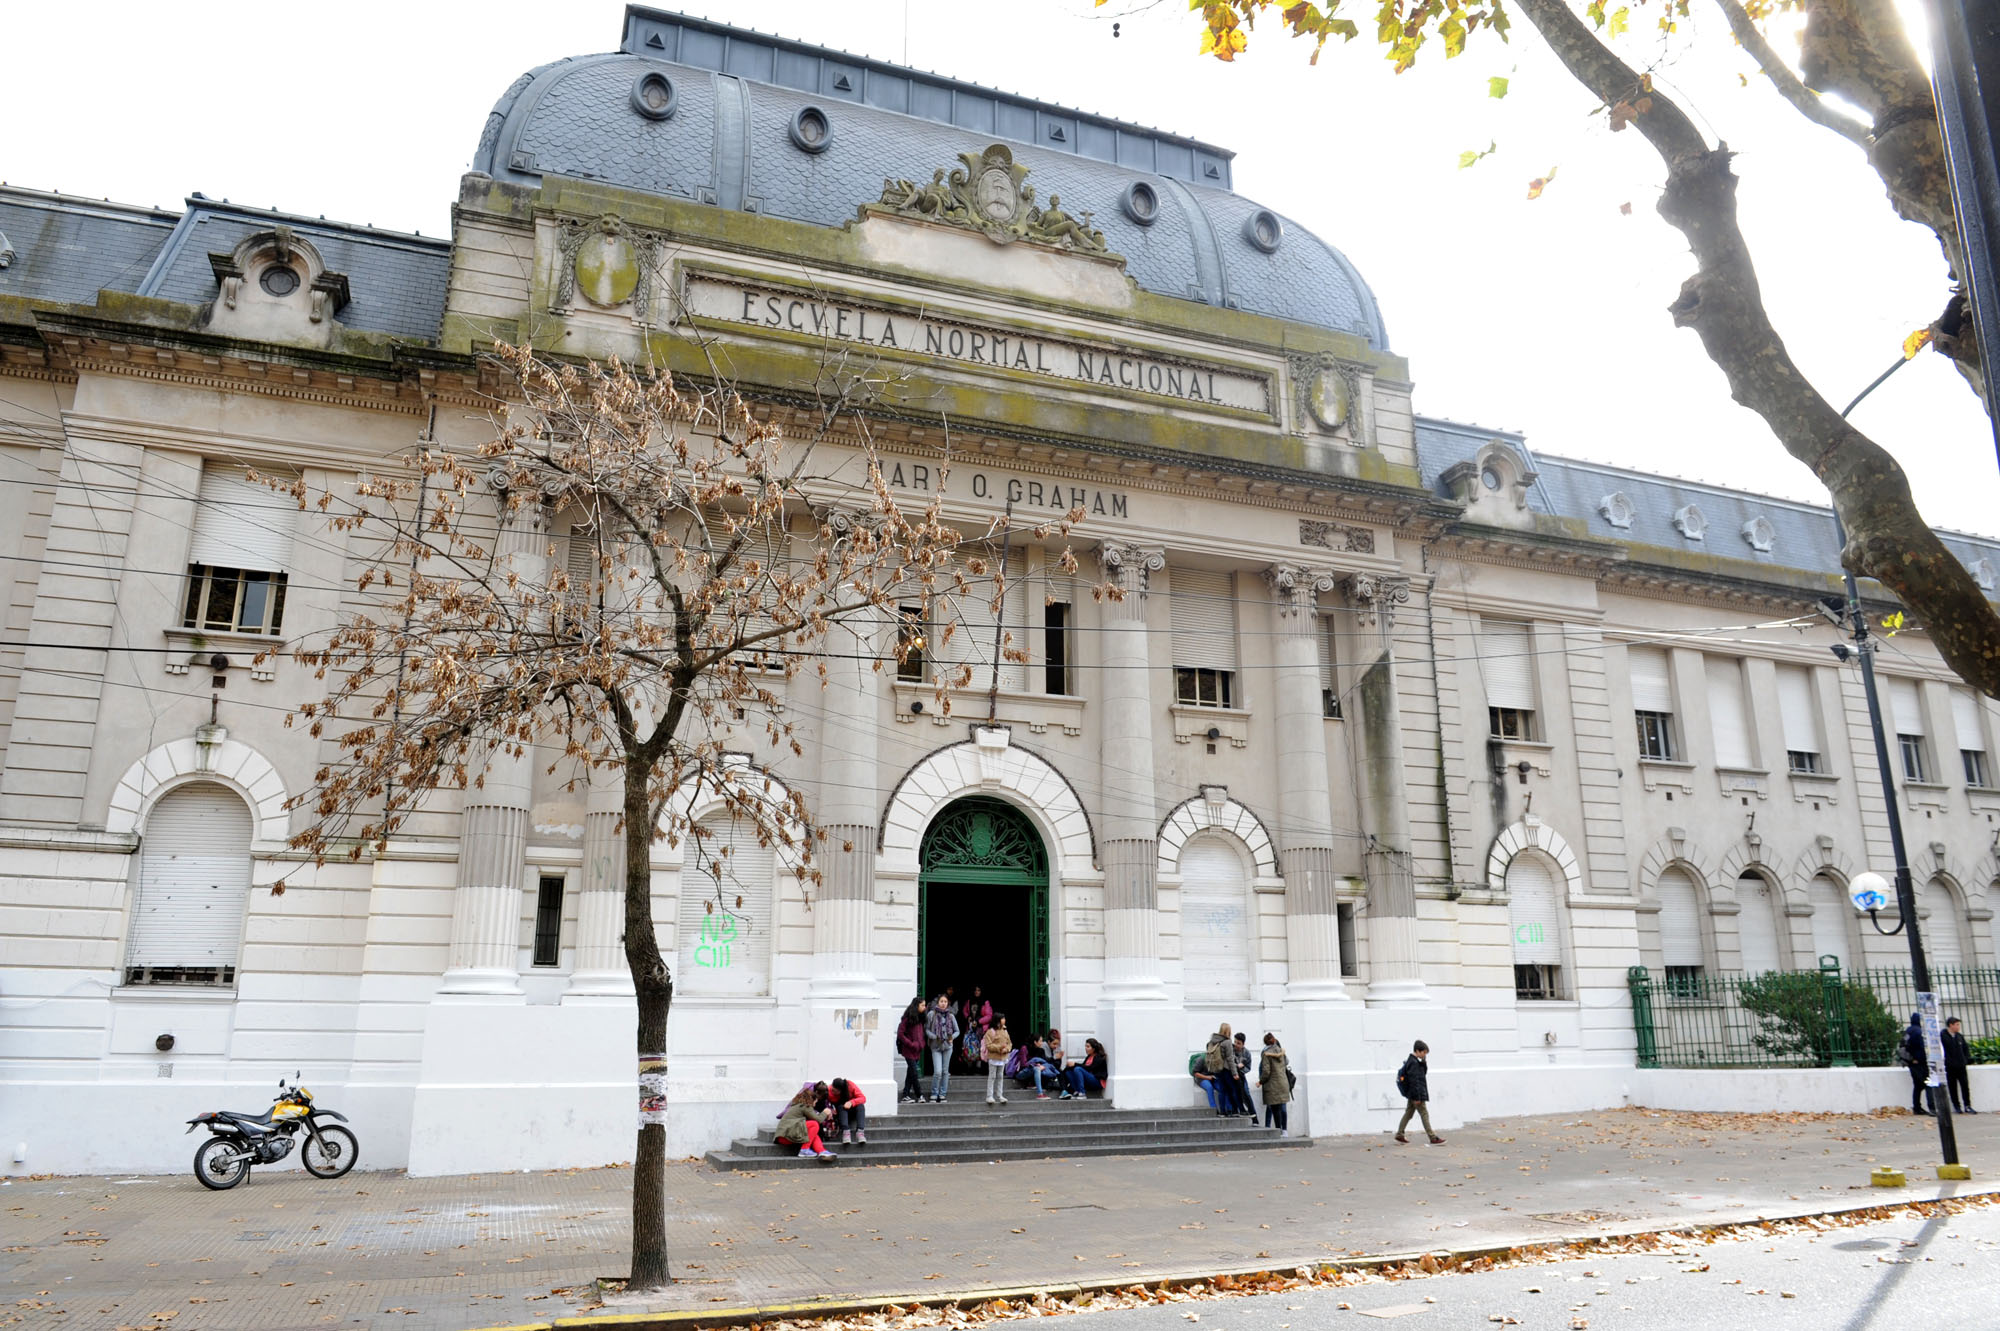 26-05-2016 - Se licitó la obra de restauración y puesta en valor del edificio Normal 1 de La Plata